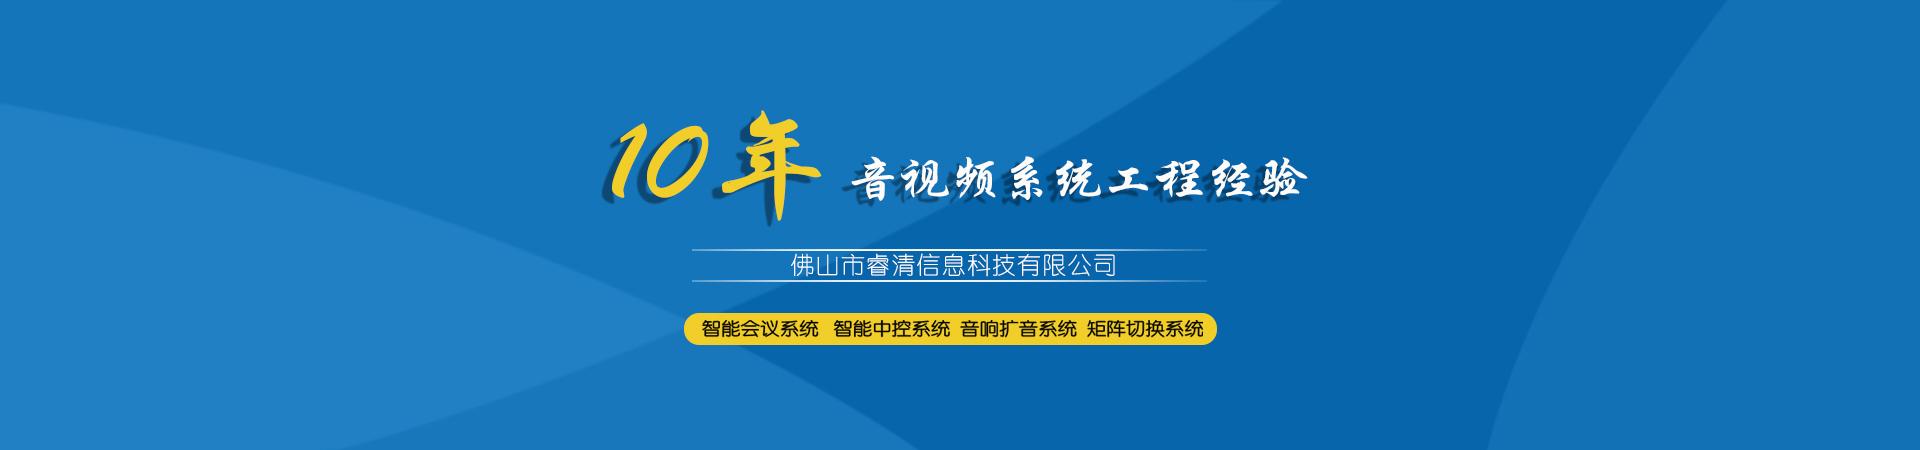 广州睿清信息科技有限公司